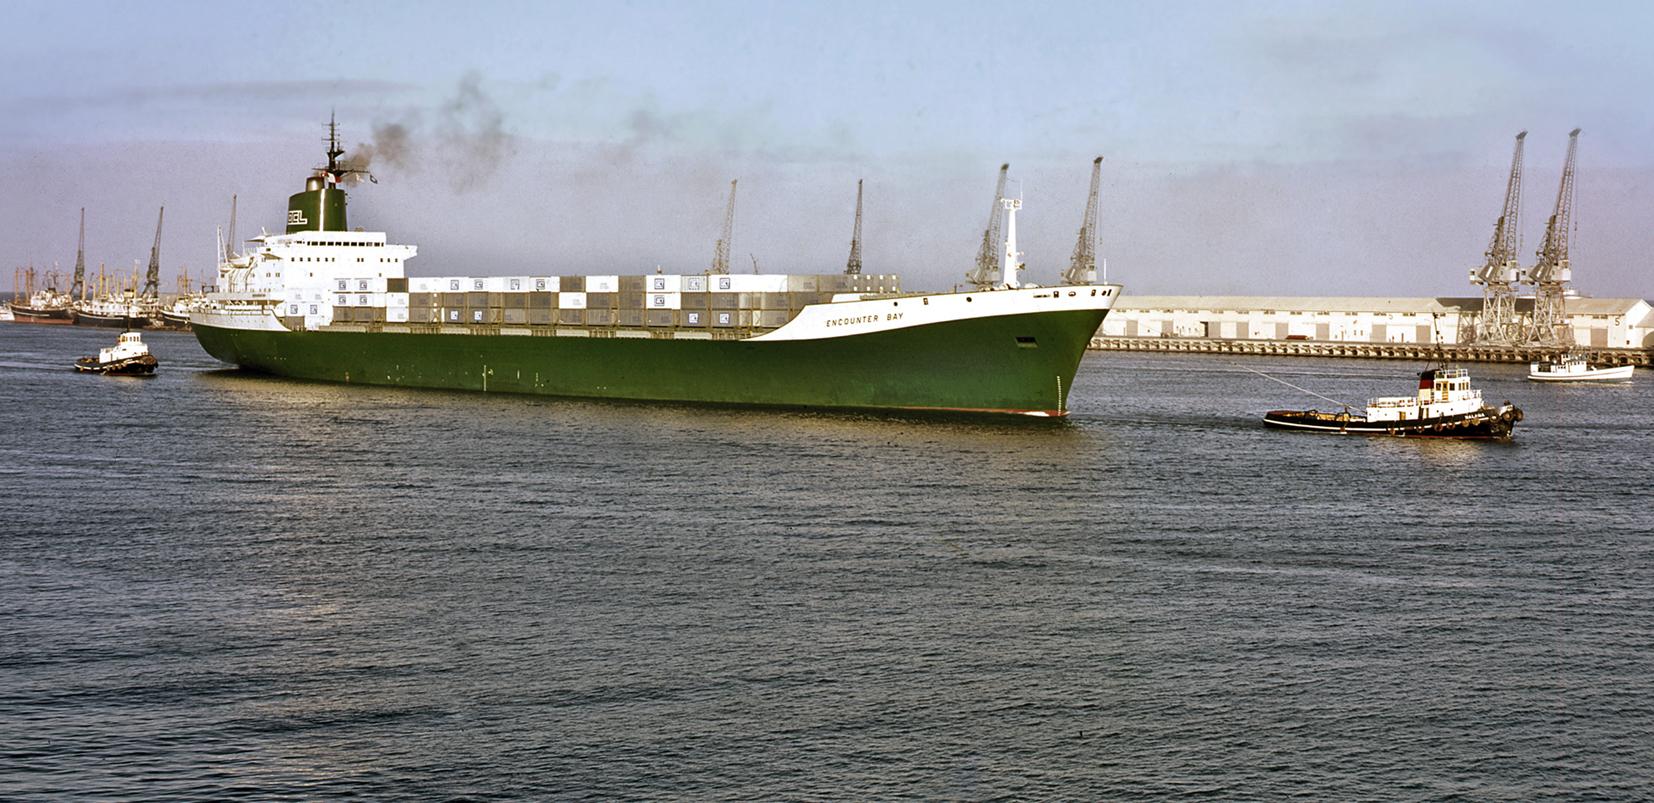 1969 March - Encounter Bay enters port